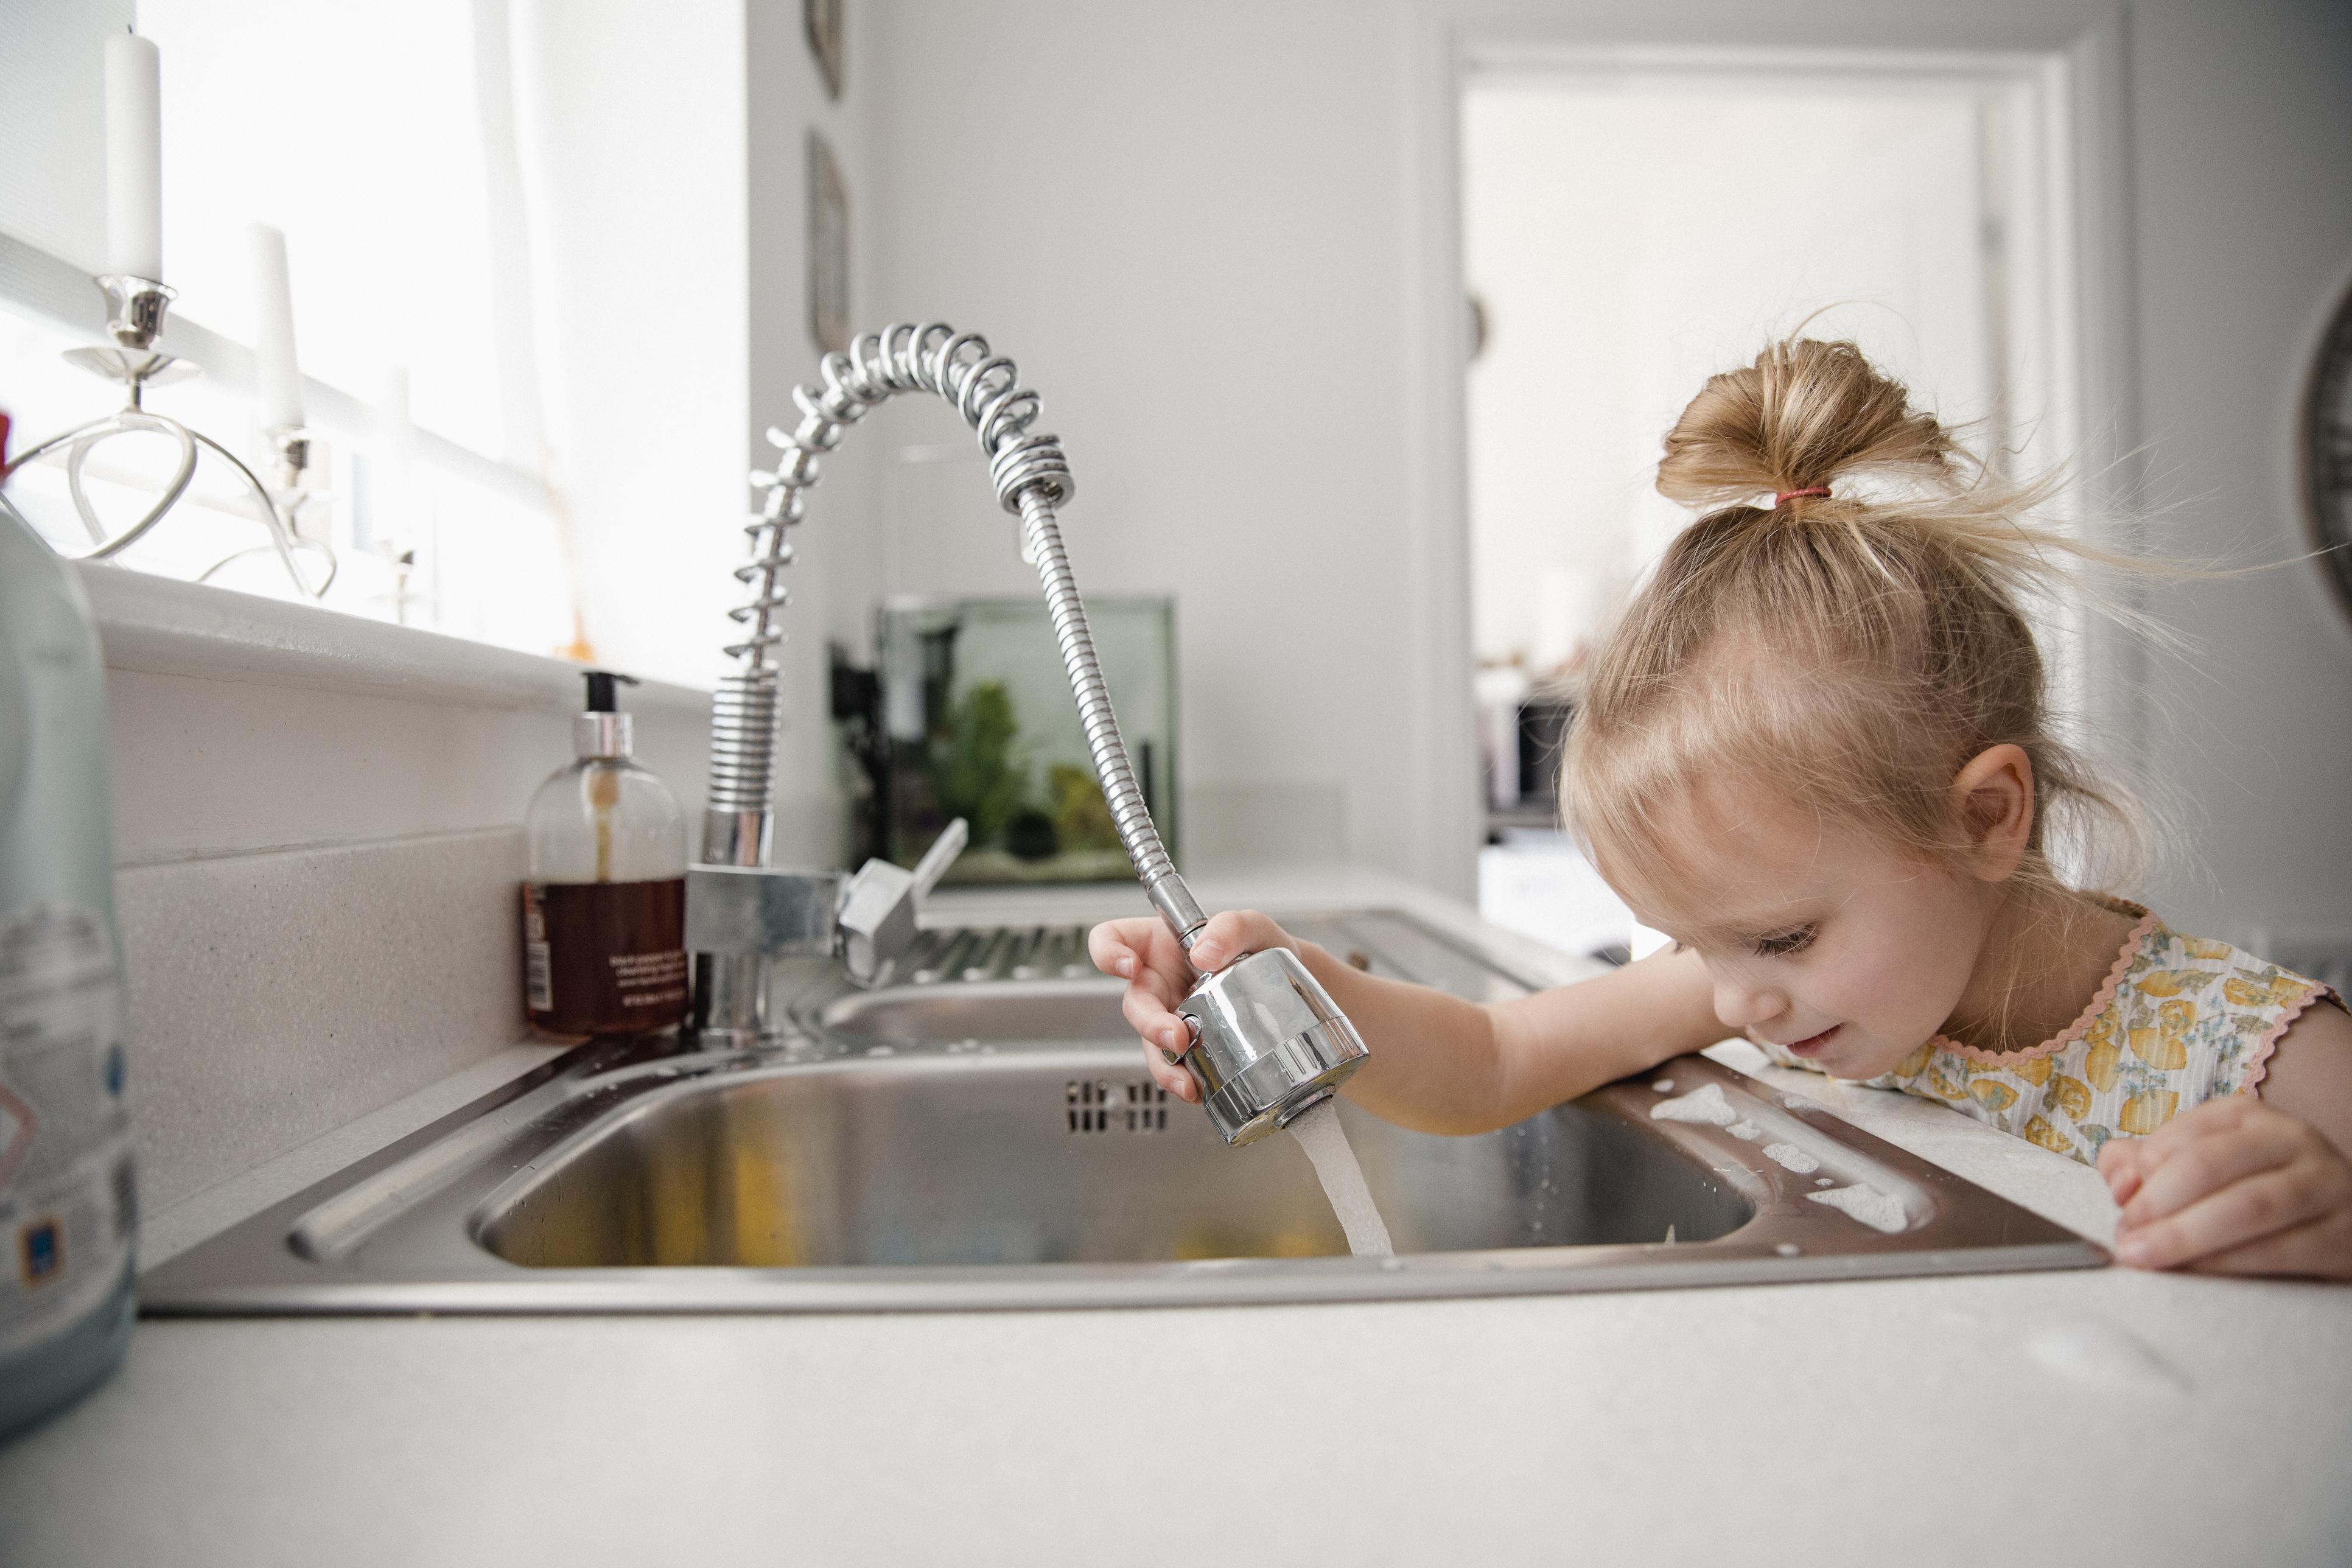 Накрайникът на чешмата.Той е много удобен, може да си го нагласяте на душ или на една силна струя, но сещате ли се да го почистите? От вътрешната страна се събират всякакви бактерии, които се развиват необезпокоявани и замърсяват малко или много водата още със самото й потичане. В този случай Лаура препоръчва веднъж в седмицата да киснете филтъра в бял оцет.